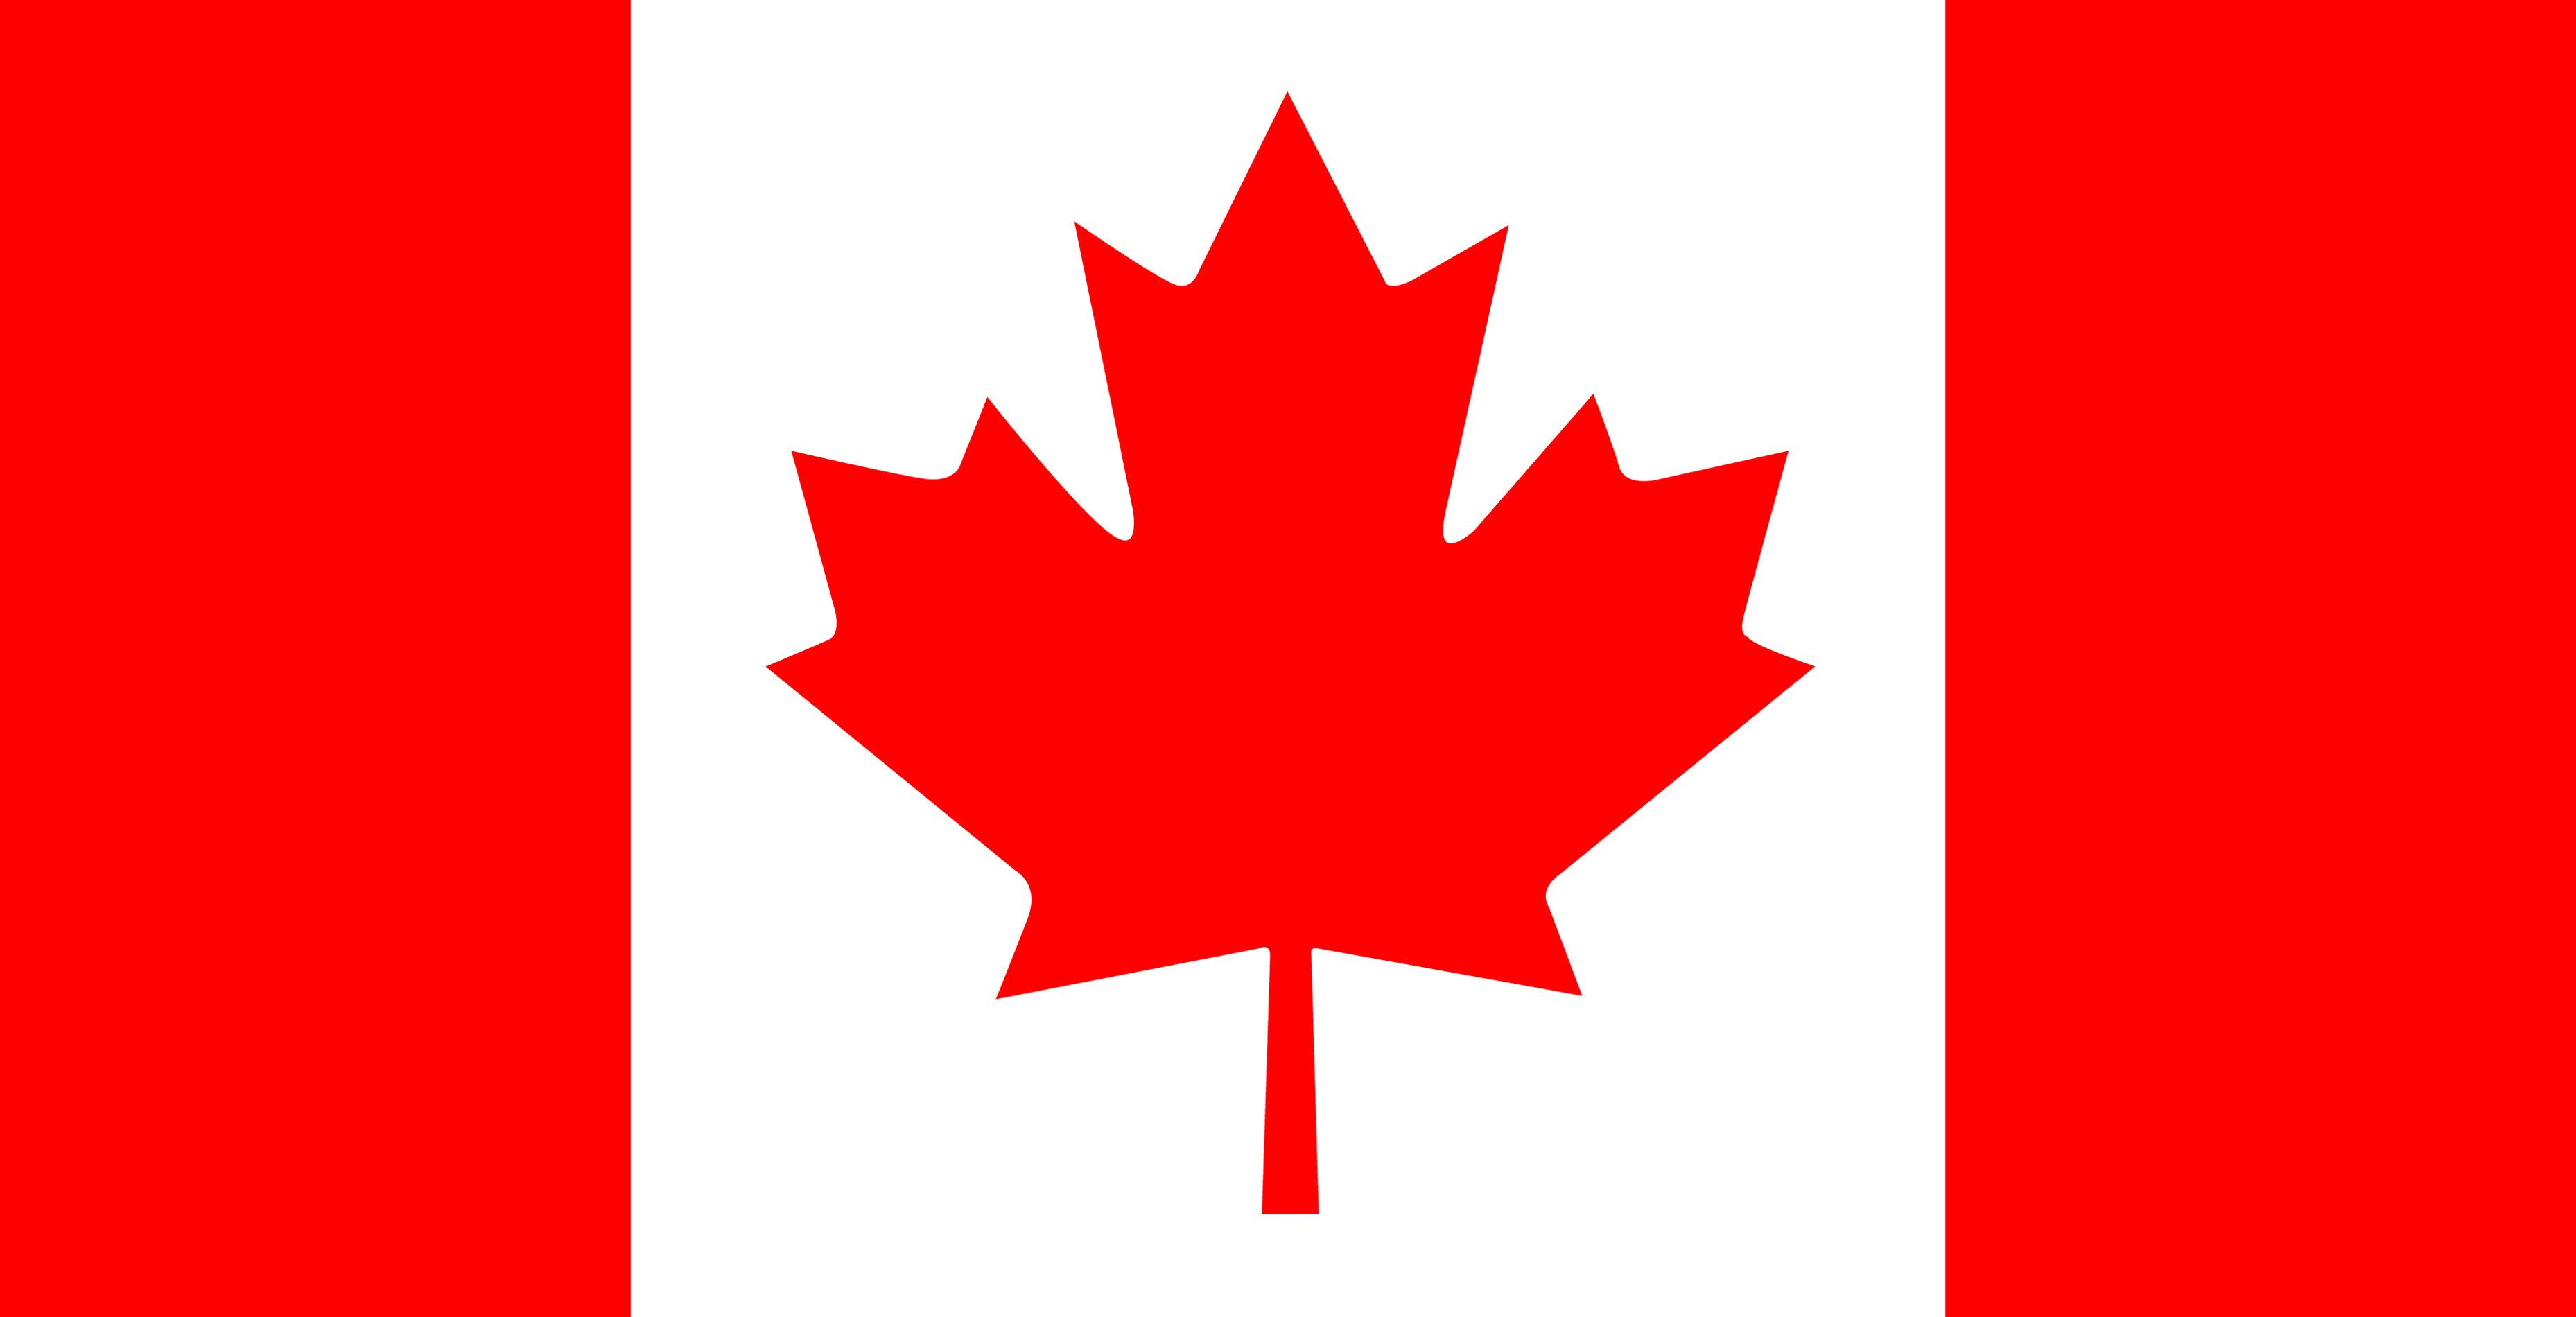 زيادة عجز الحساب الجارى الكندى